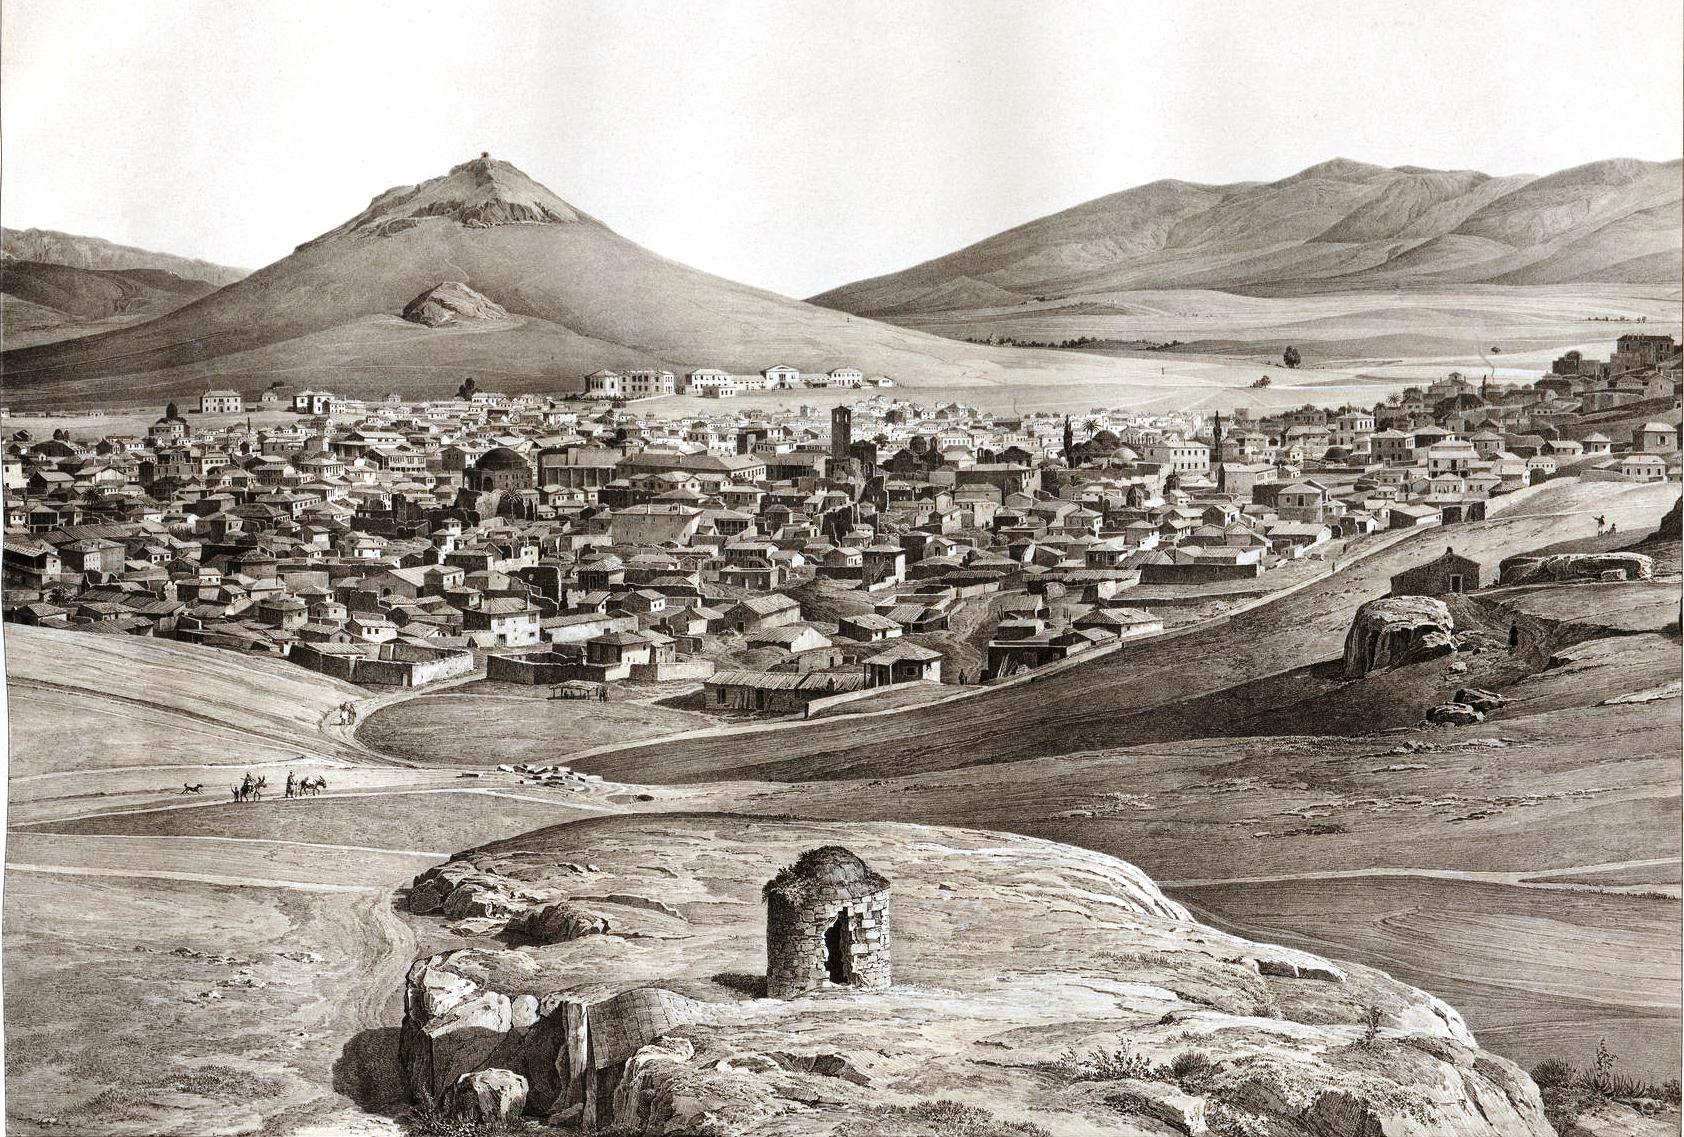 Ποιοι ήταν οι Γκάγκαροι Αθηναίοι; Tι σήμαινε αρχικά η ονομασία και πώς βγήκε η φράση;